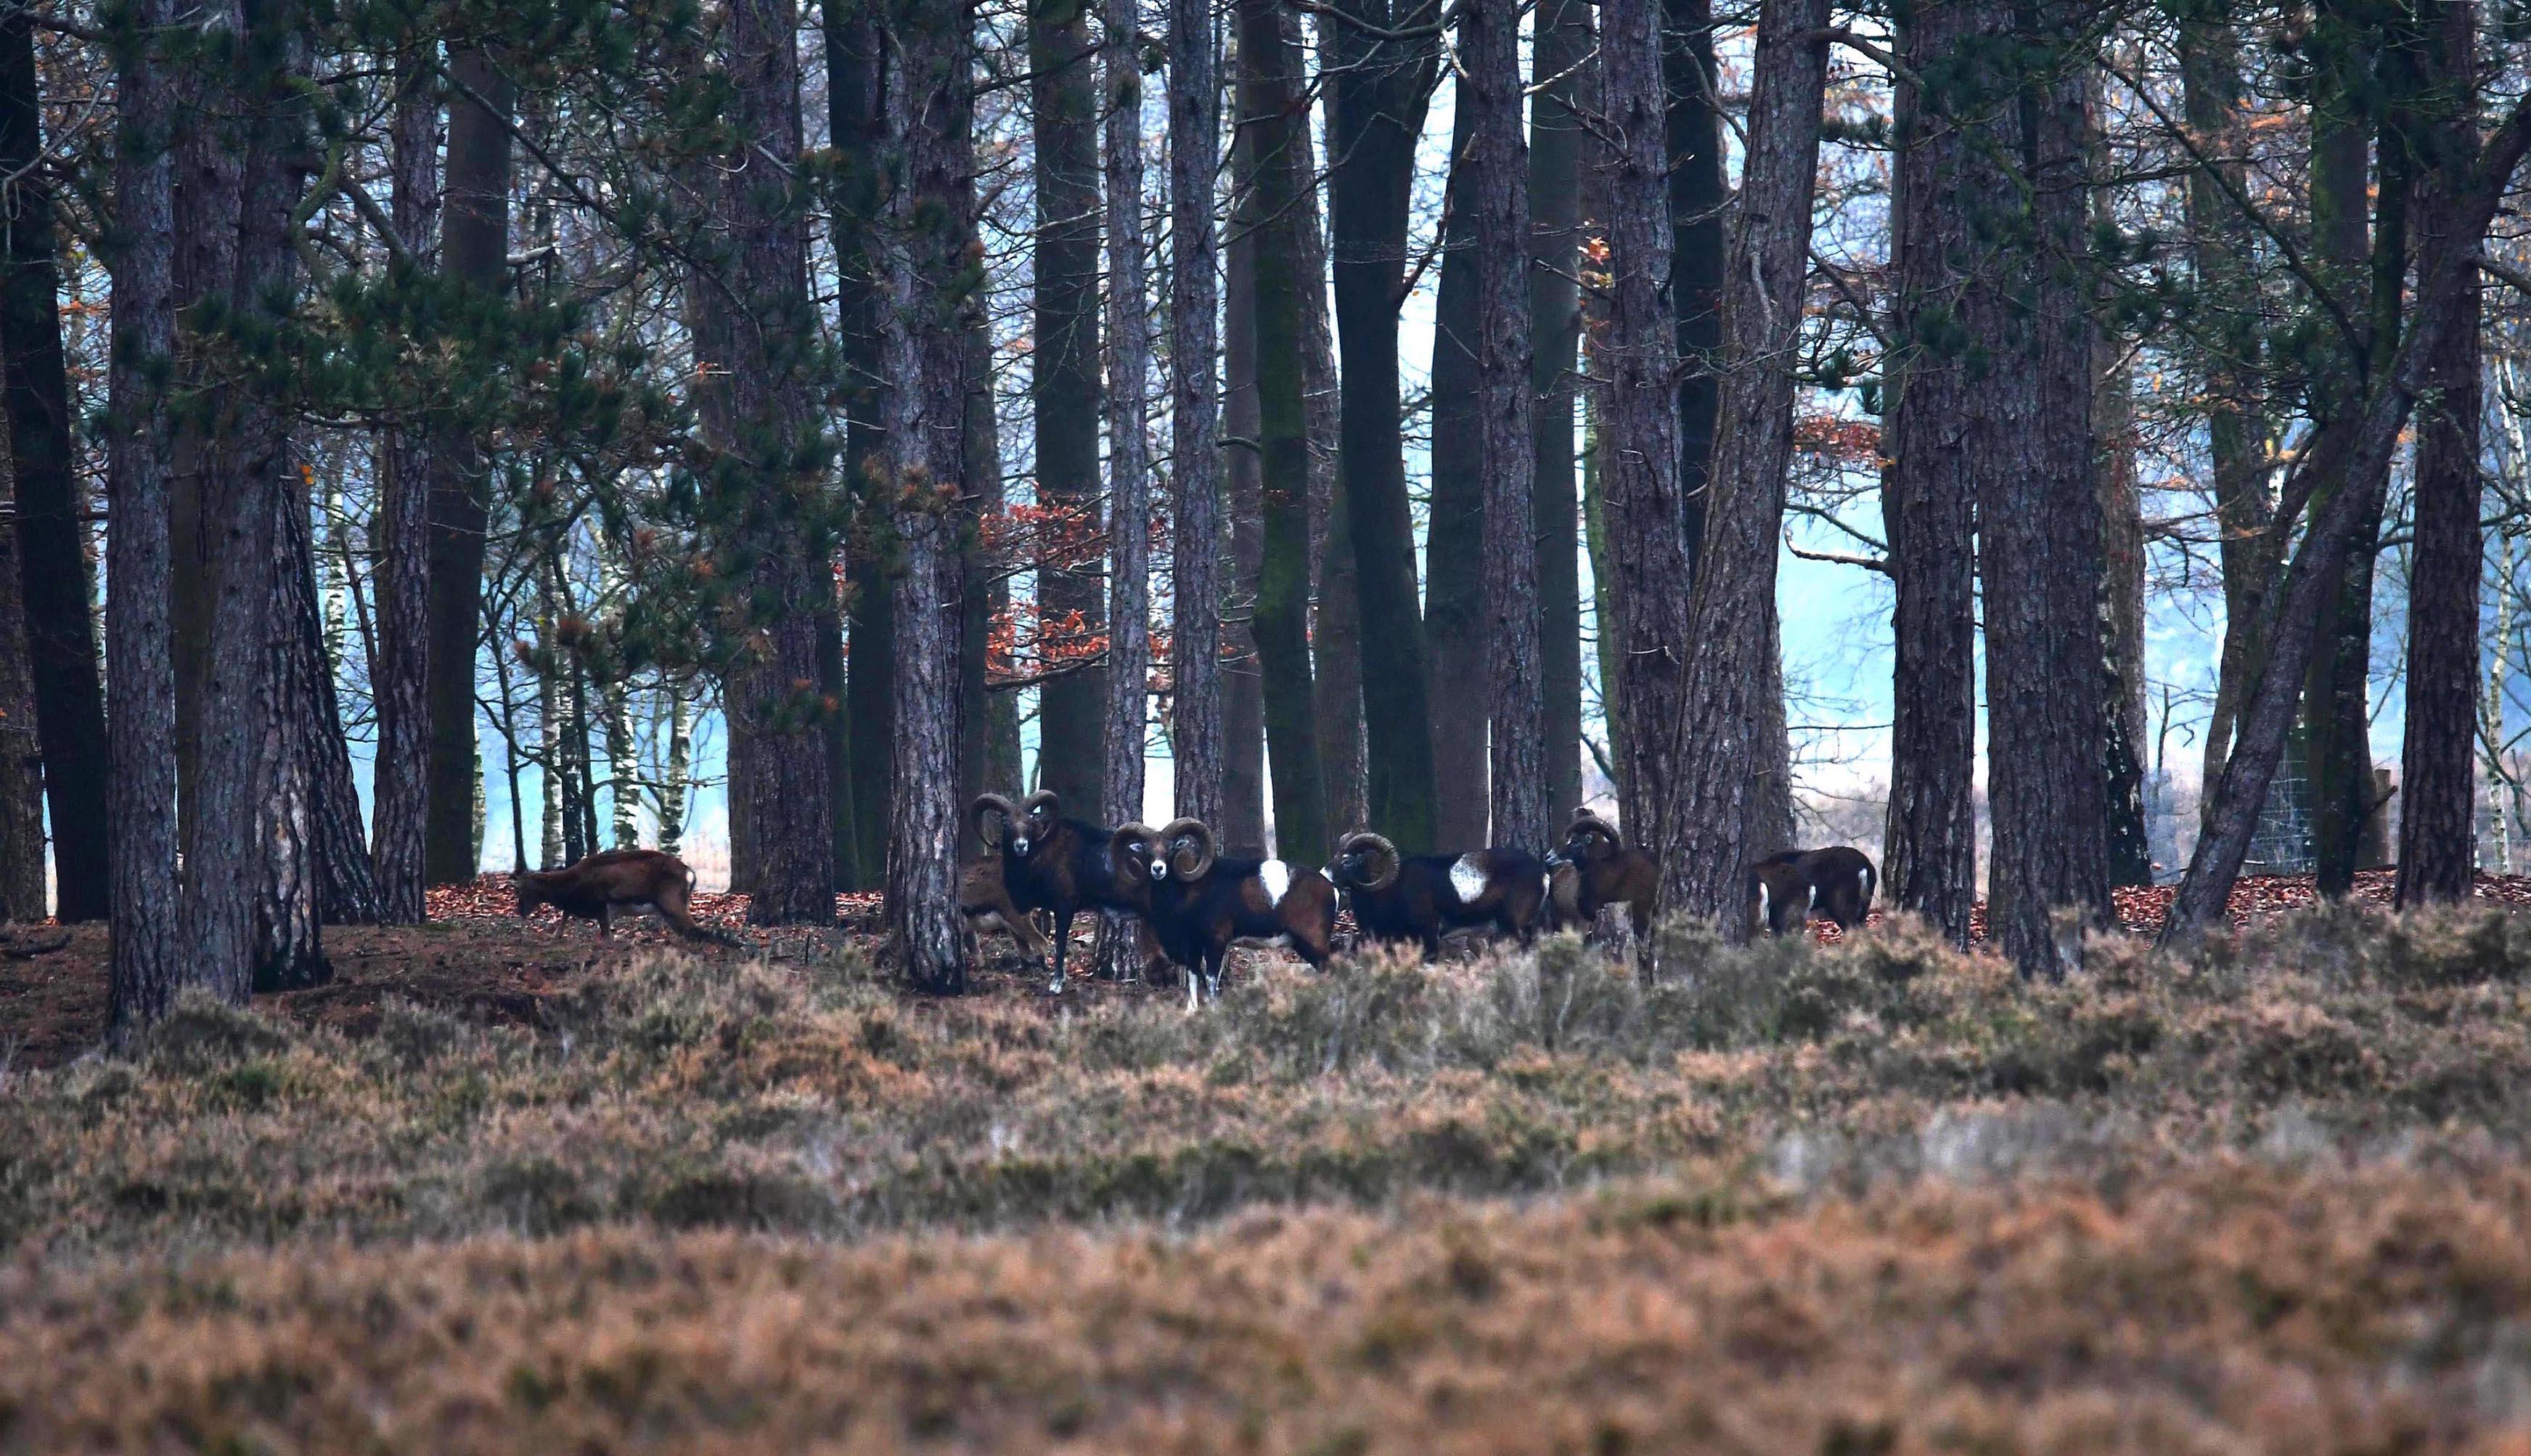 Ineens verschenen aan de rand van de heide een aantal moeflons tussen de bomen - Foto: ©Louis Fraanje